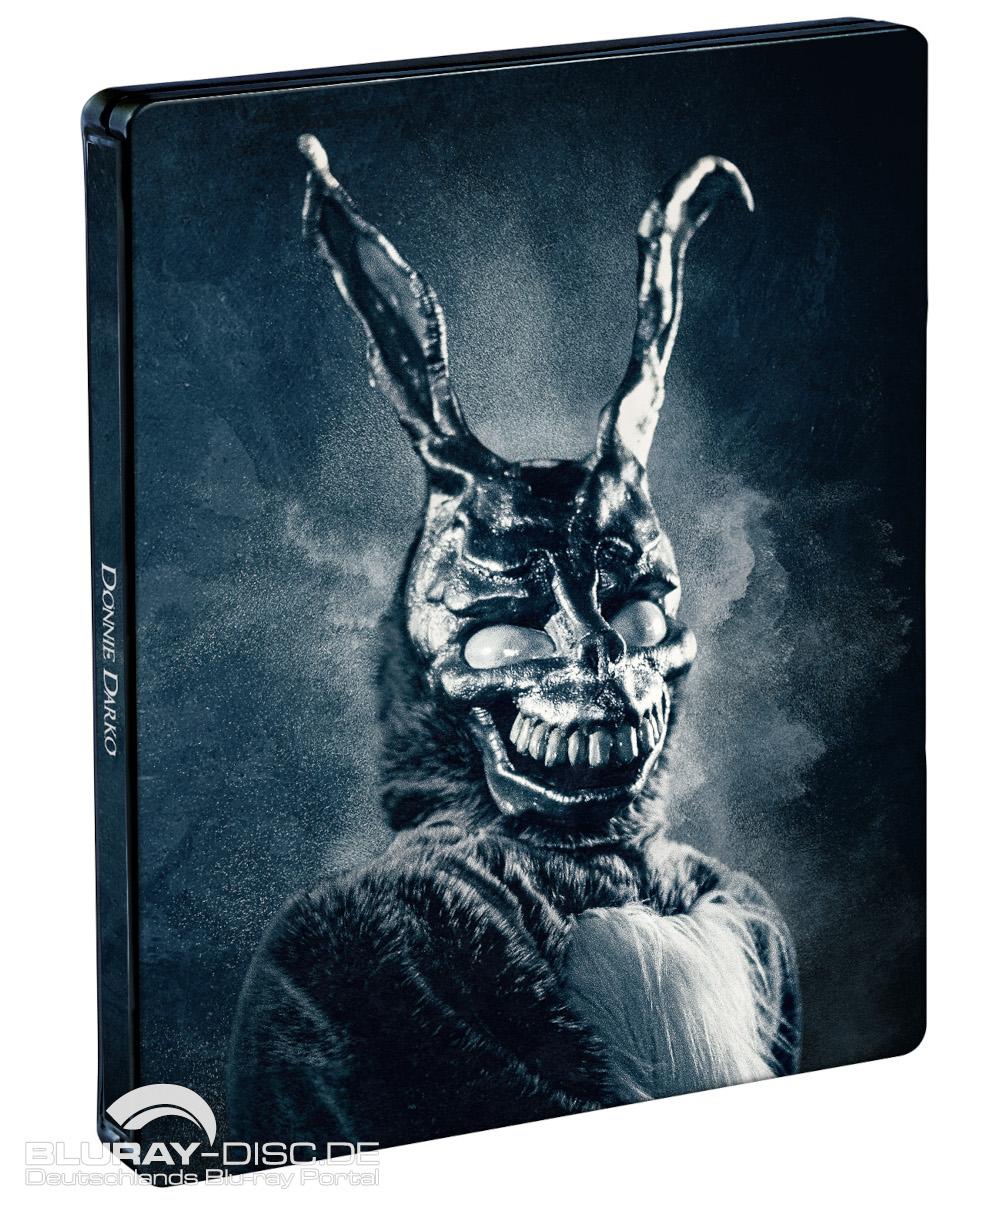 Donnie-Darko-Steelbook-Galerie-01.jpg